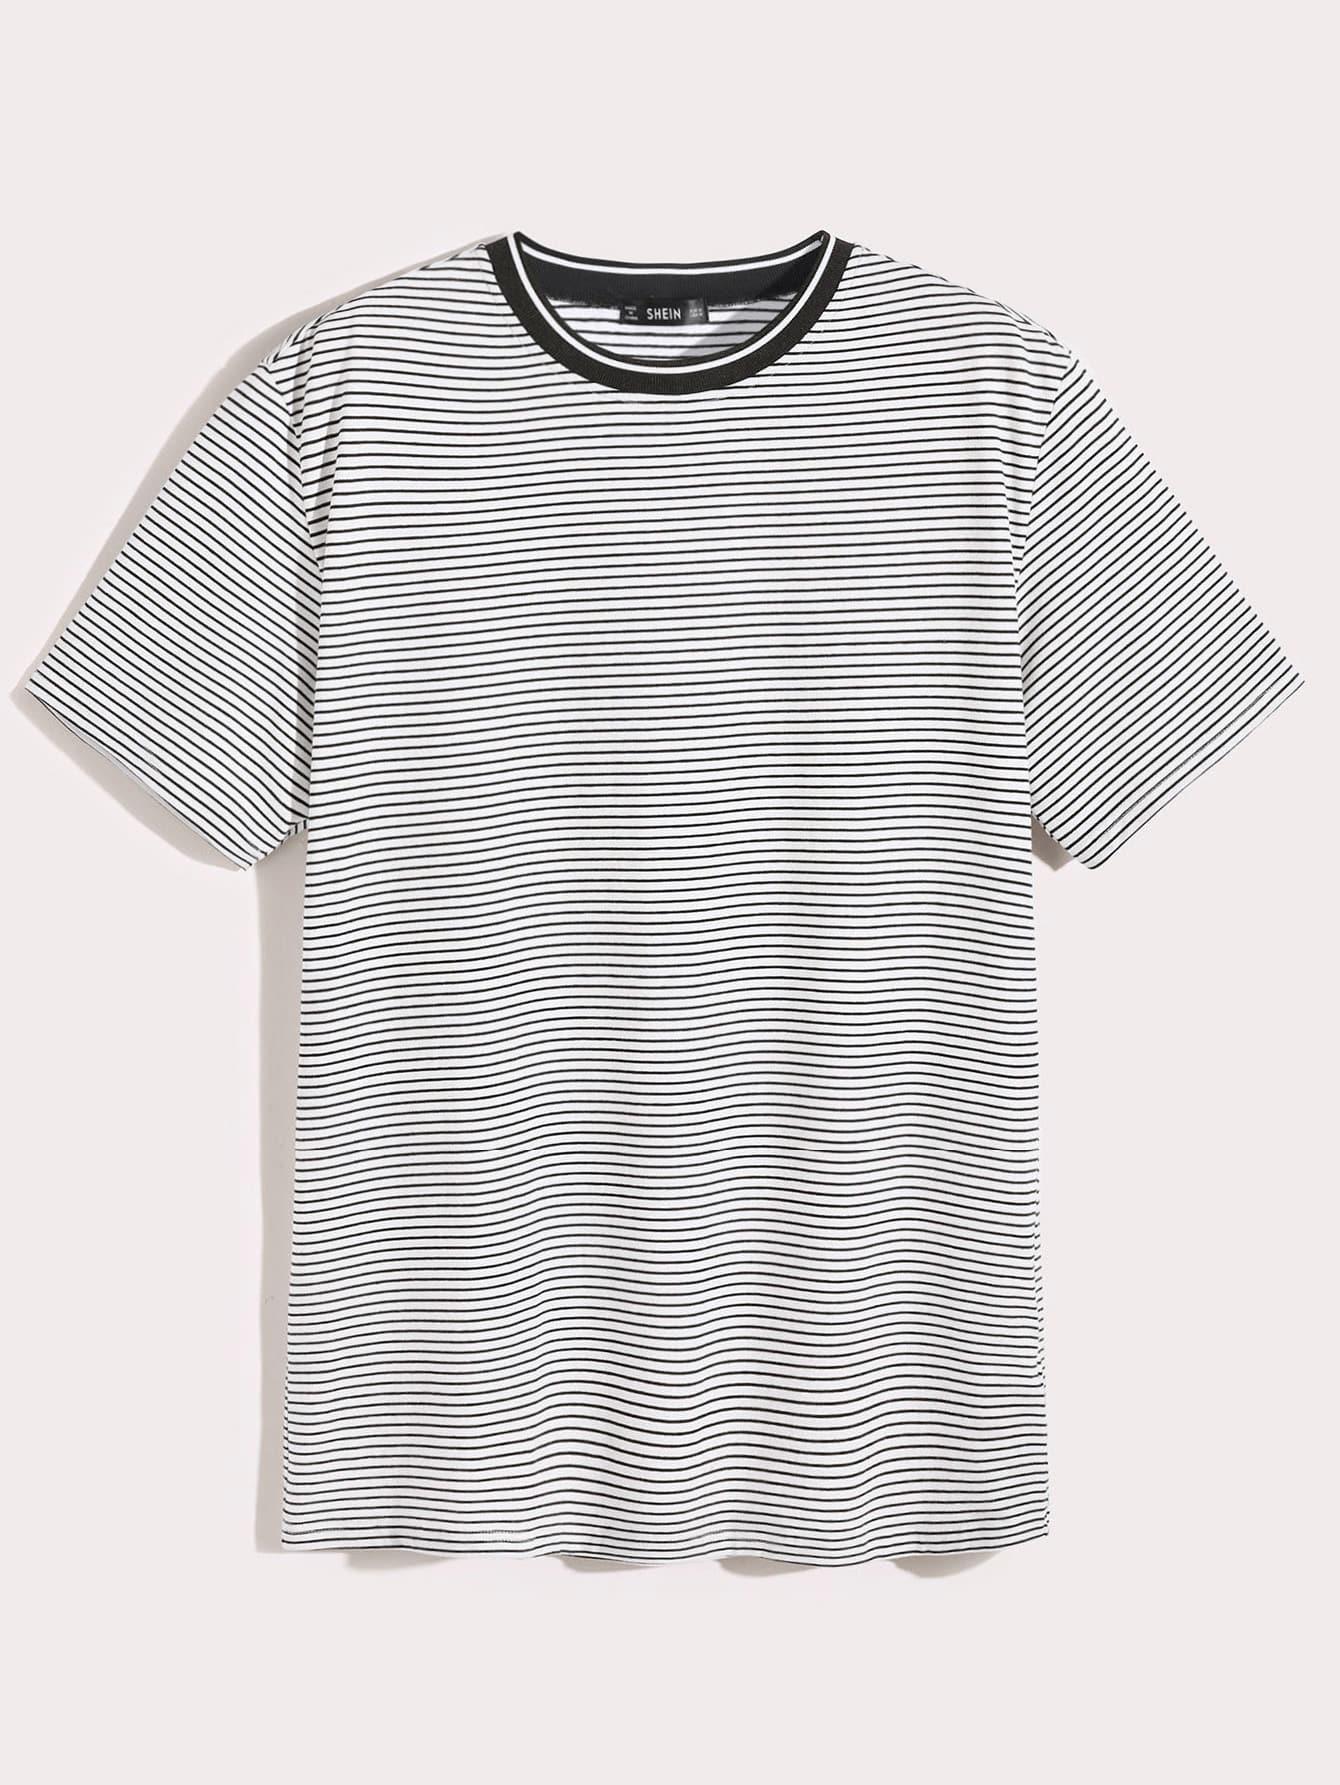 Купить Мужская футболка в полоску с коротким рукавом, null, SheIn